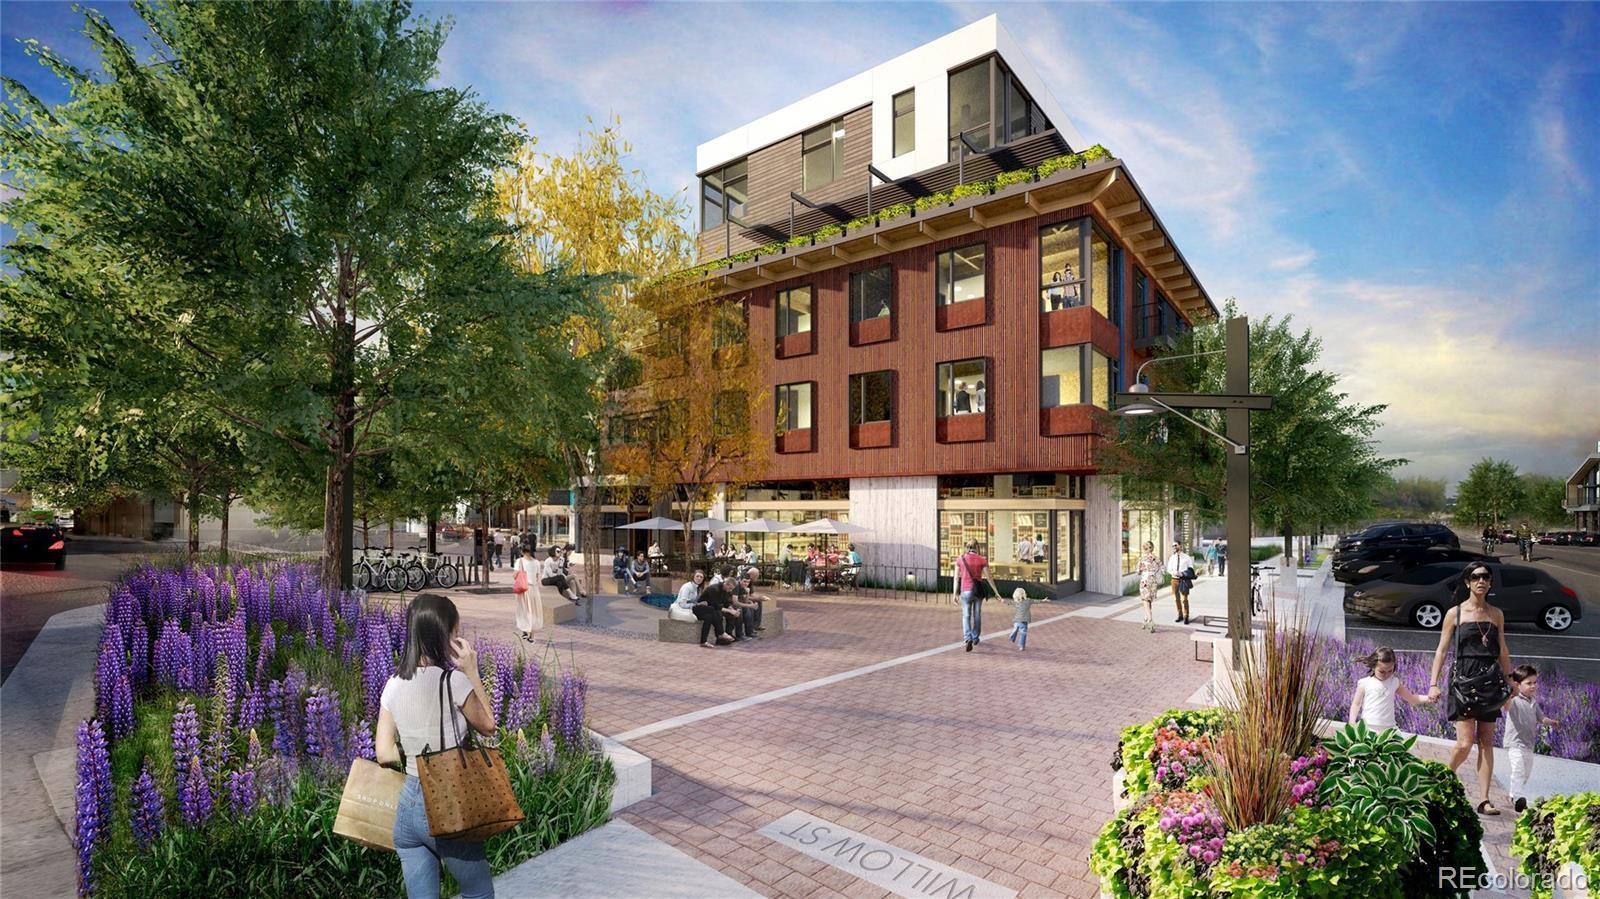 MLS# 2080416 - 1 - 401  Linden Street, Fort Collins, CO 80524